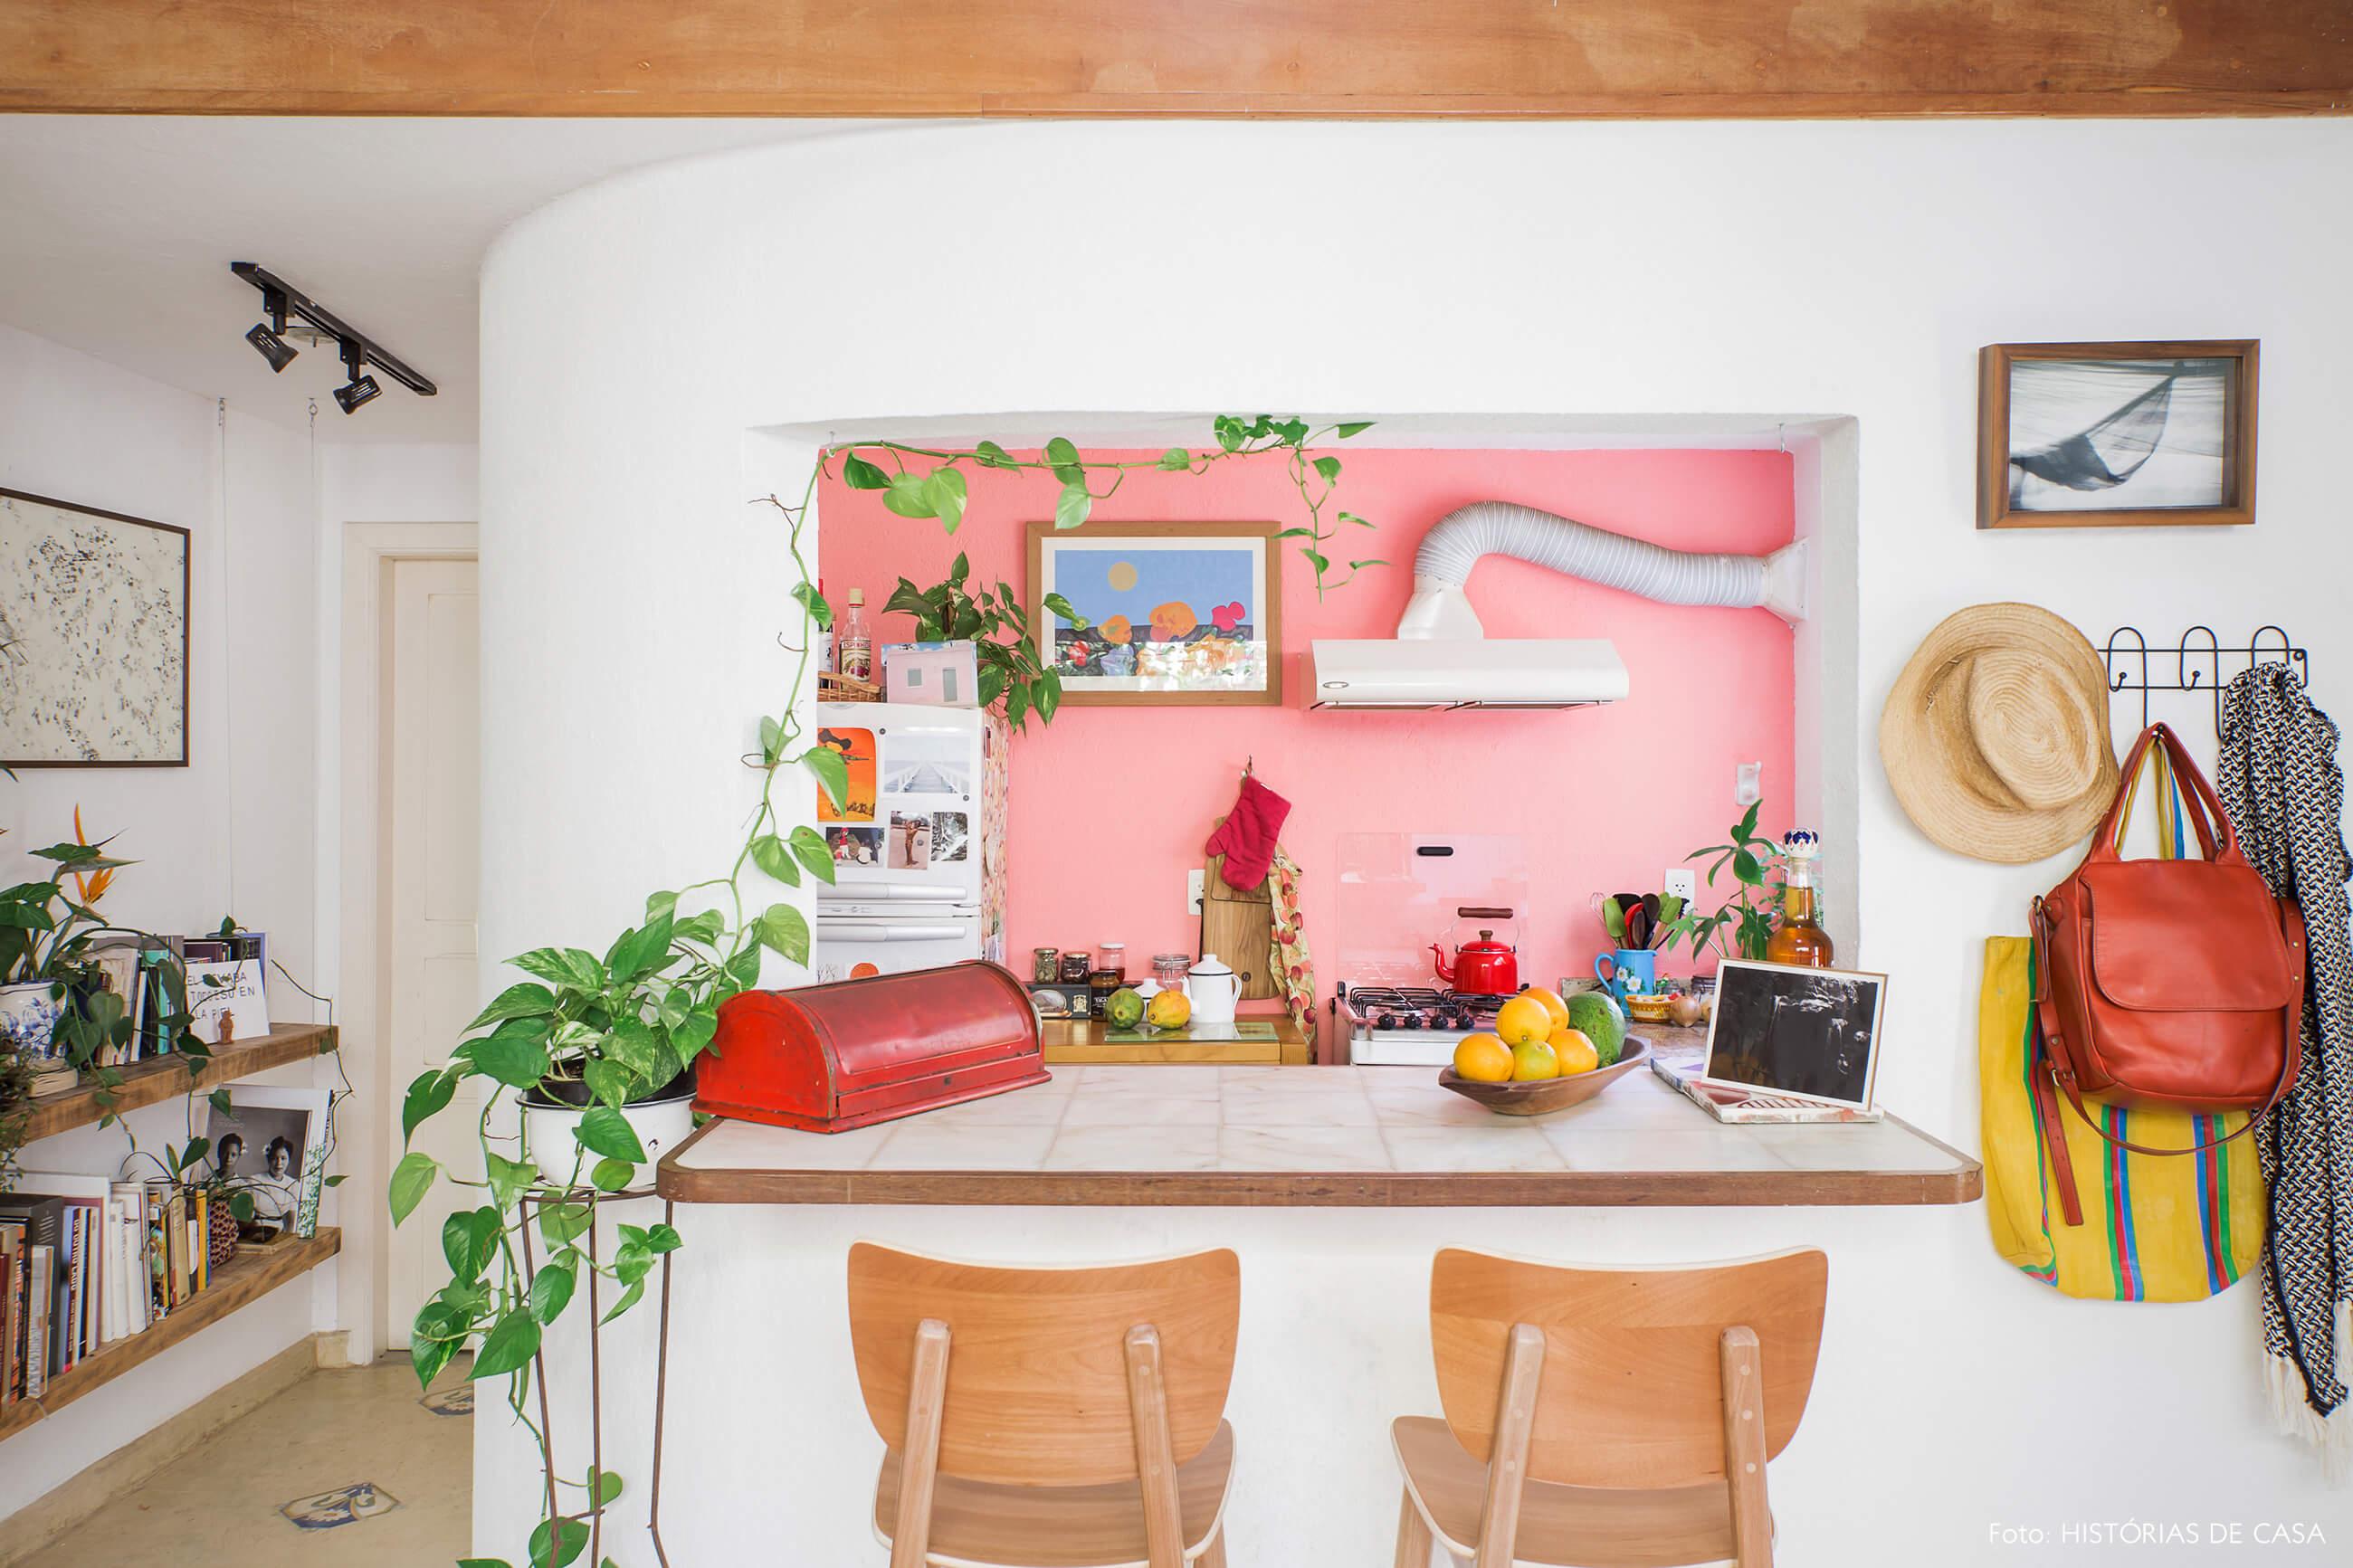 Cozinha americana com balcão e parede colorida